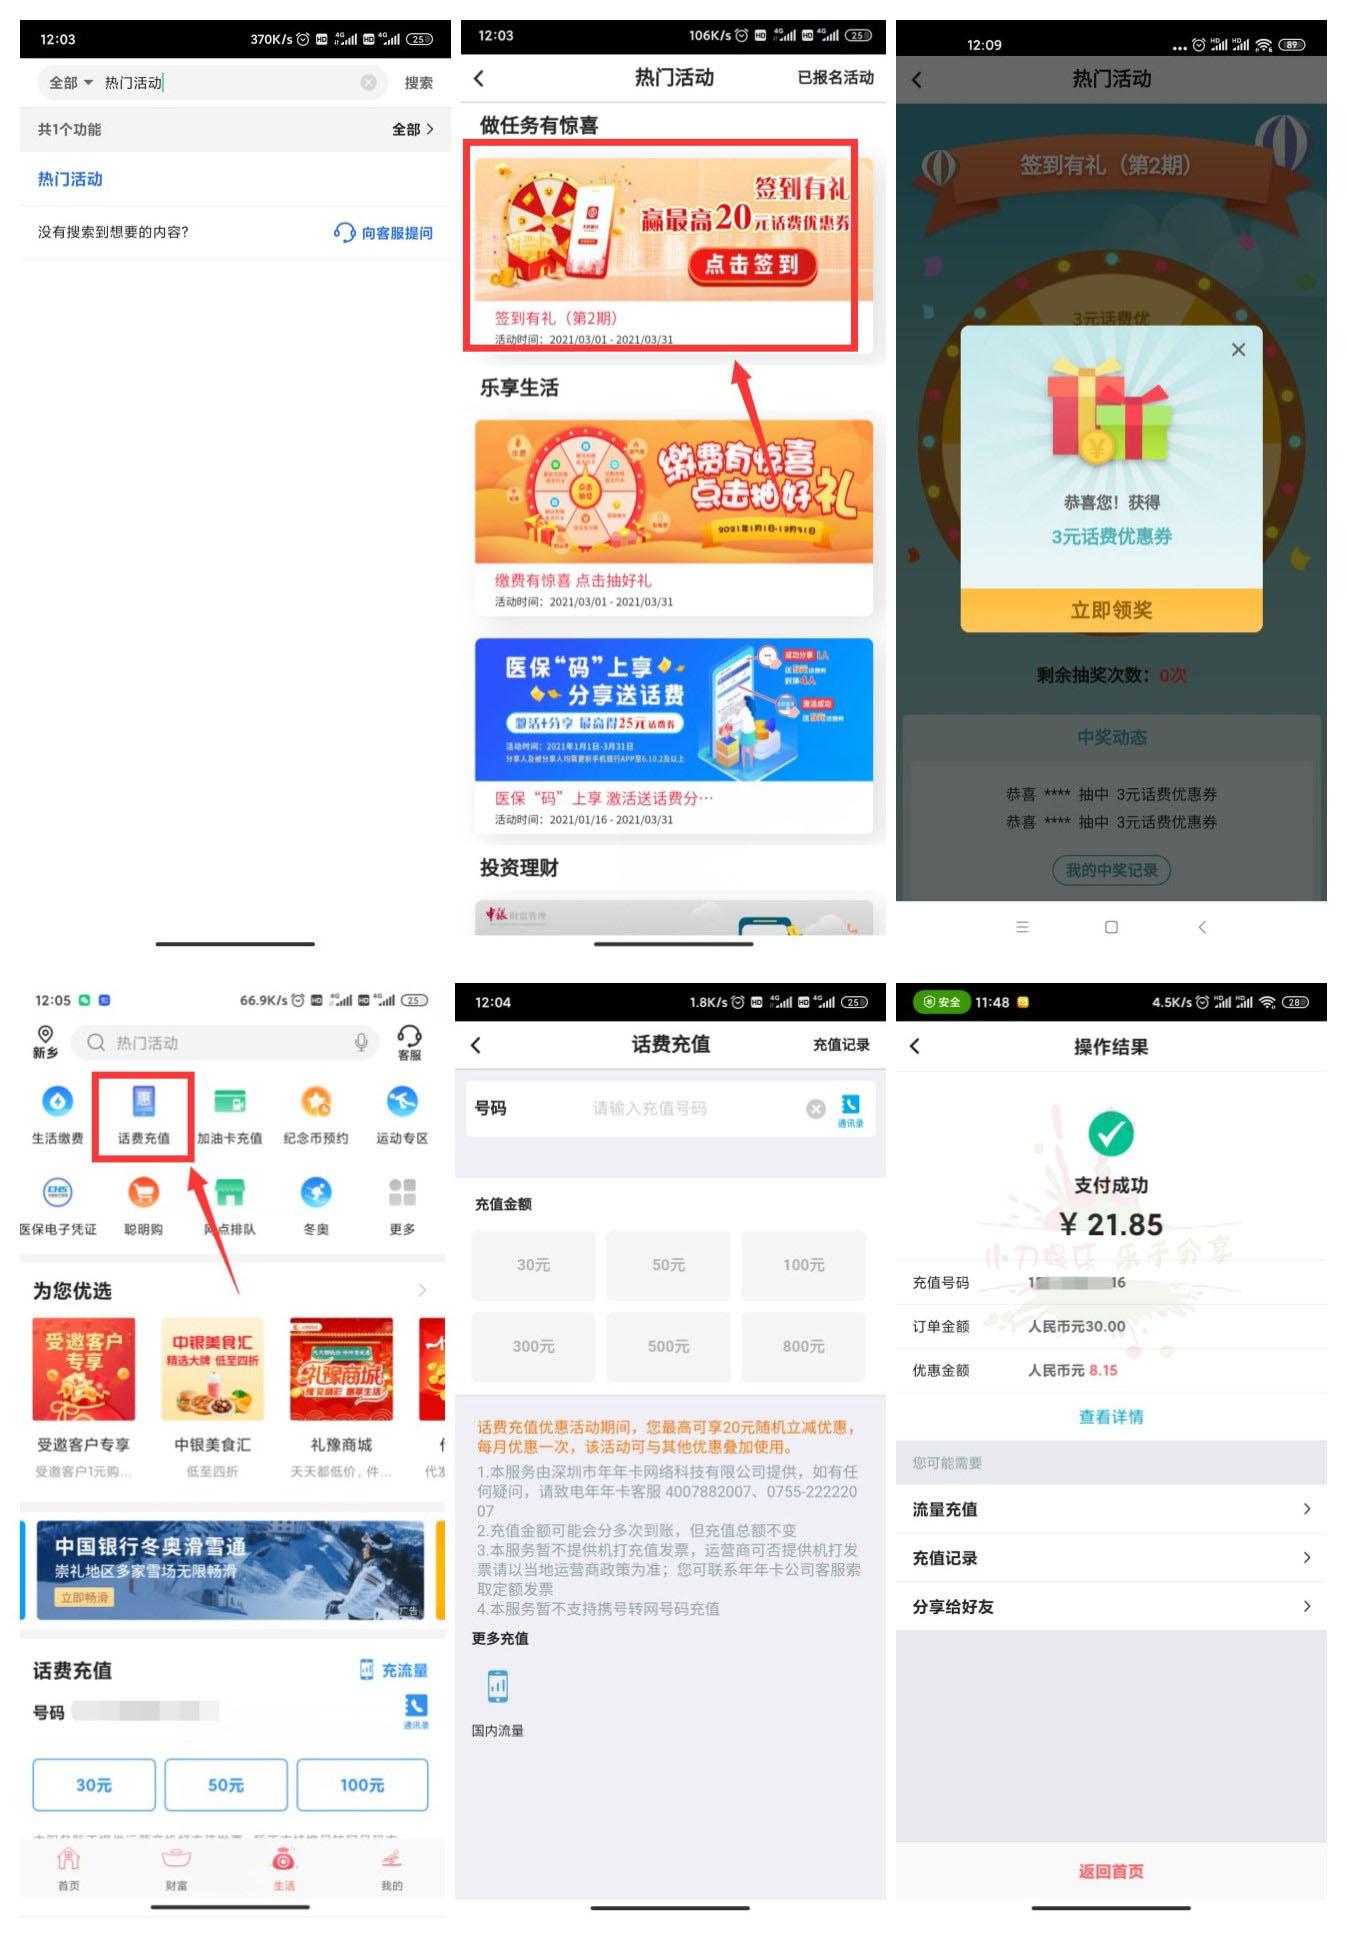 中国银行25元充值30元话费